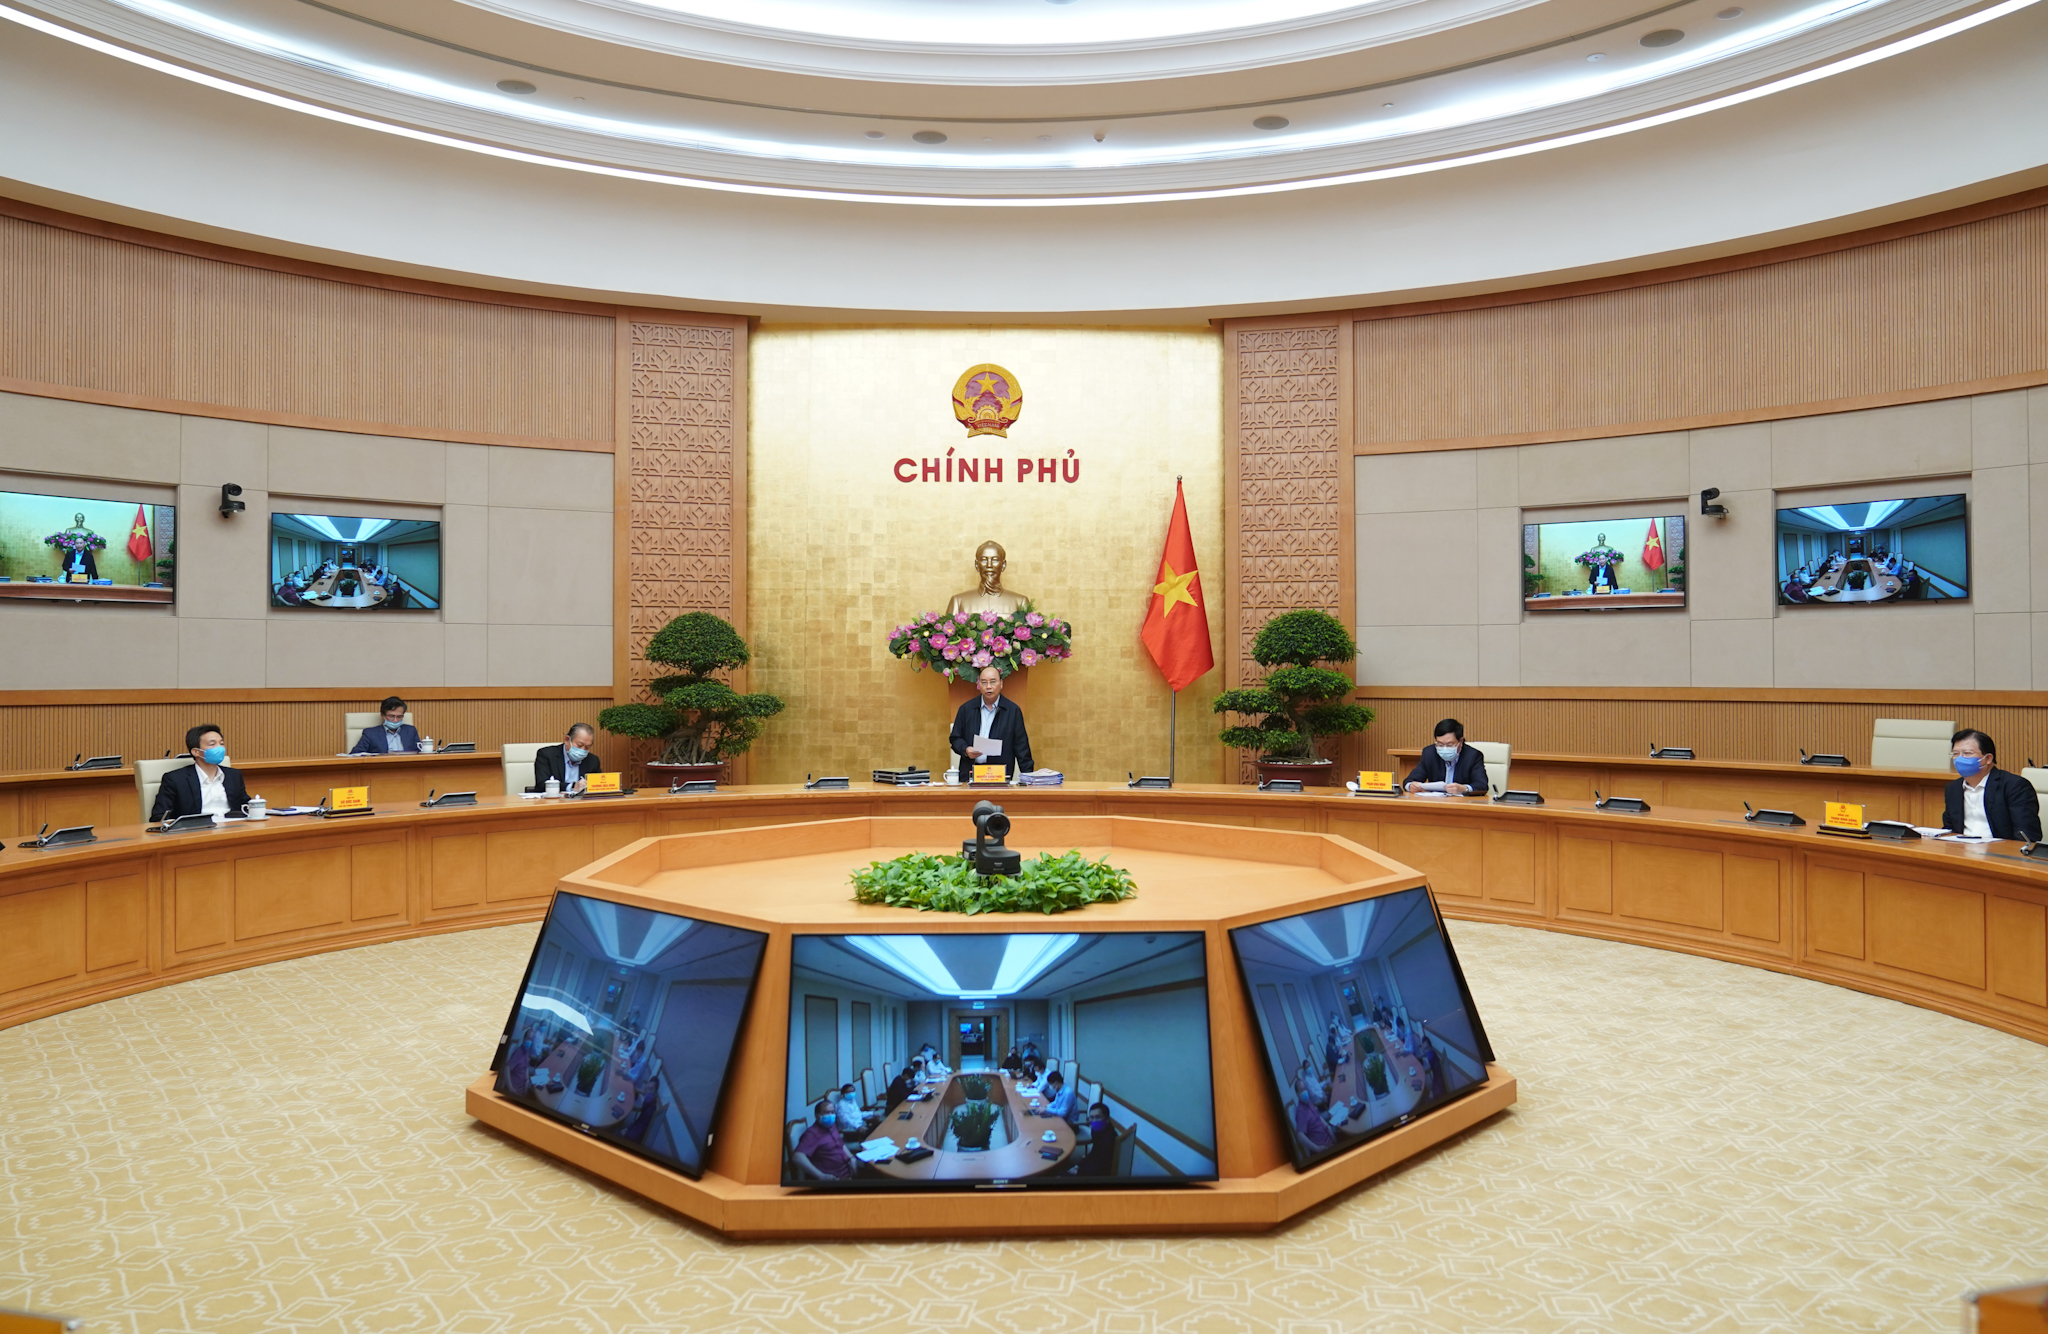 Thủ tướng Chính phủ vừa ký Quyết định 447/QĐ-TTg ngày 1/4/2020 về việc công bố dịch COVID-19